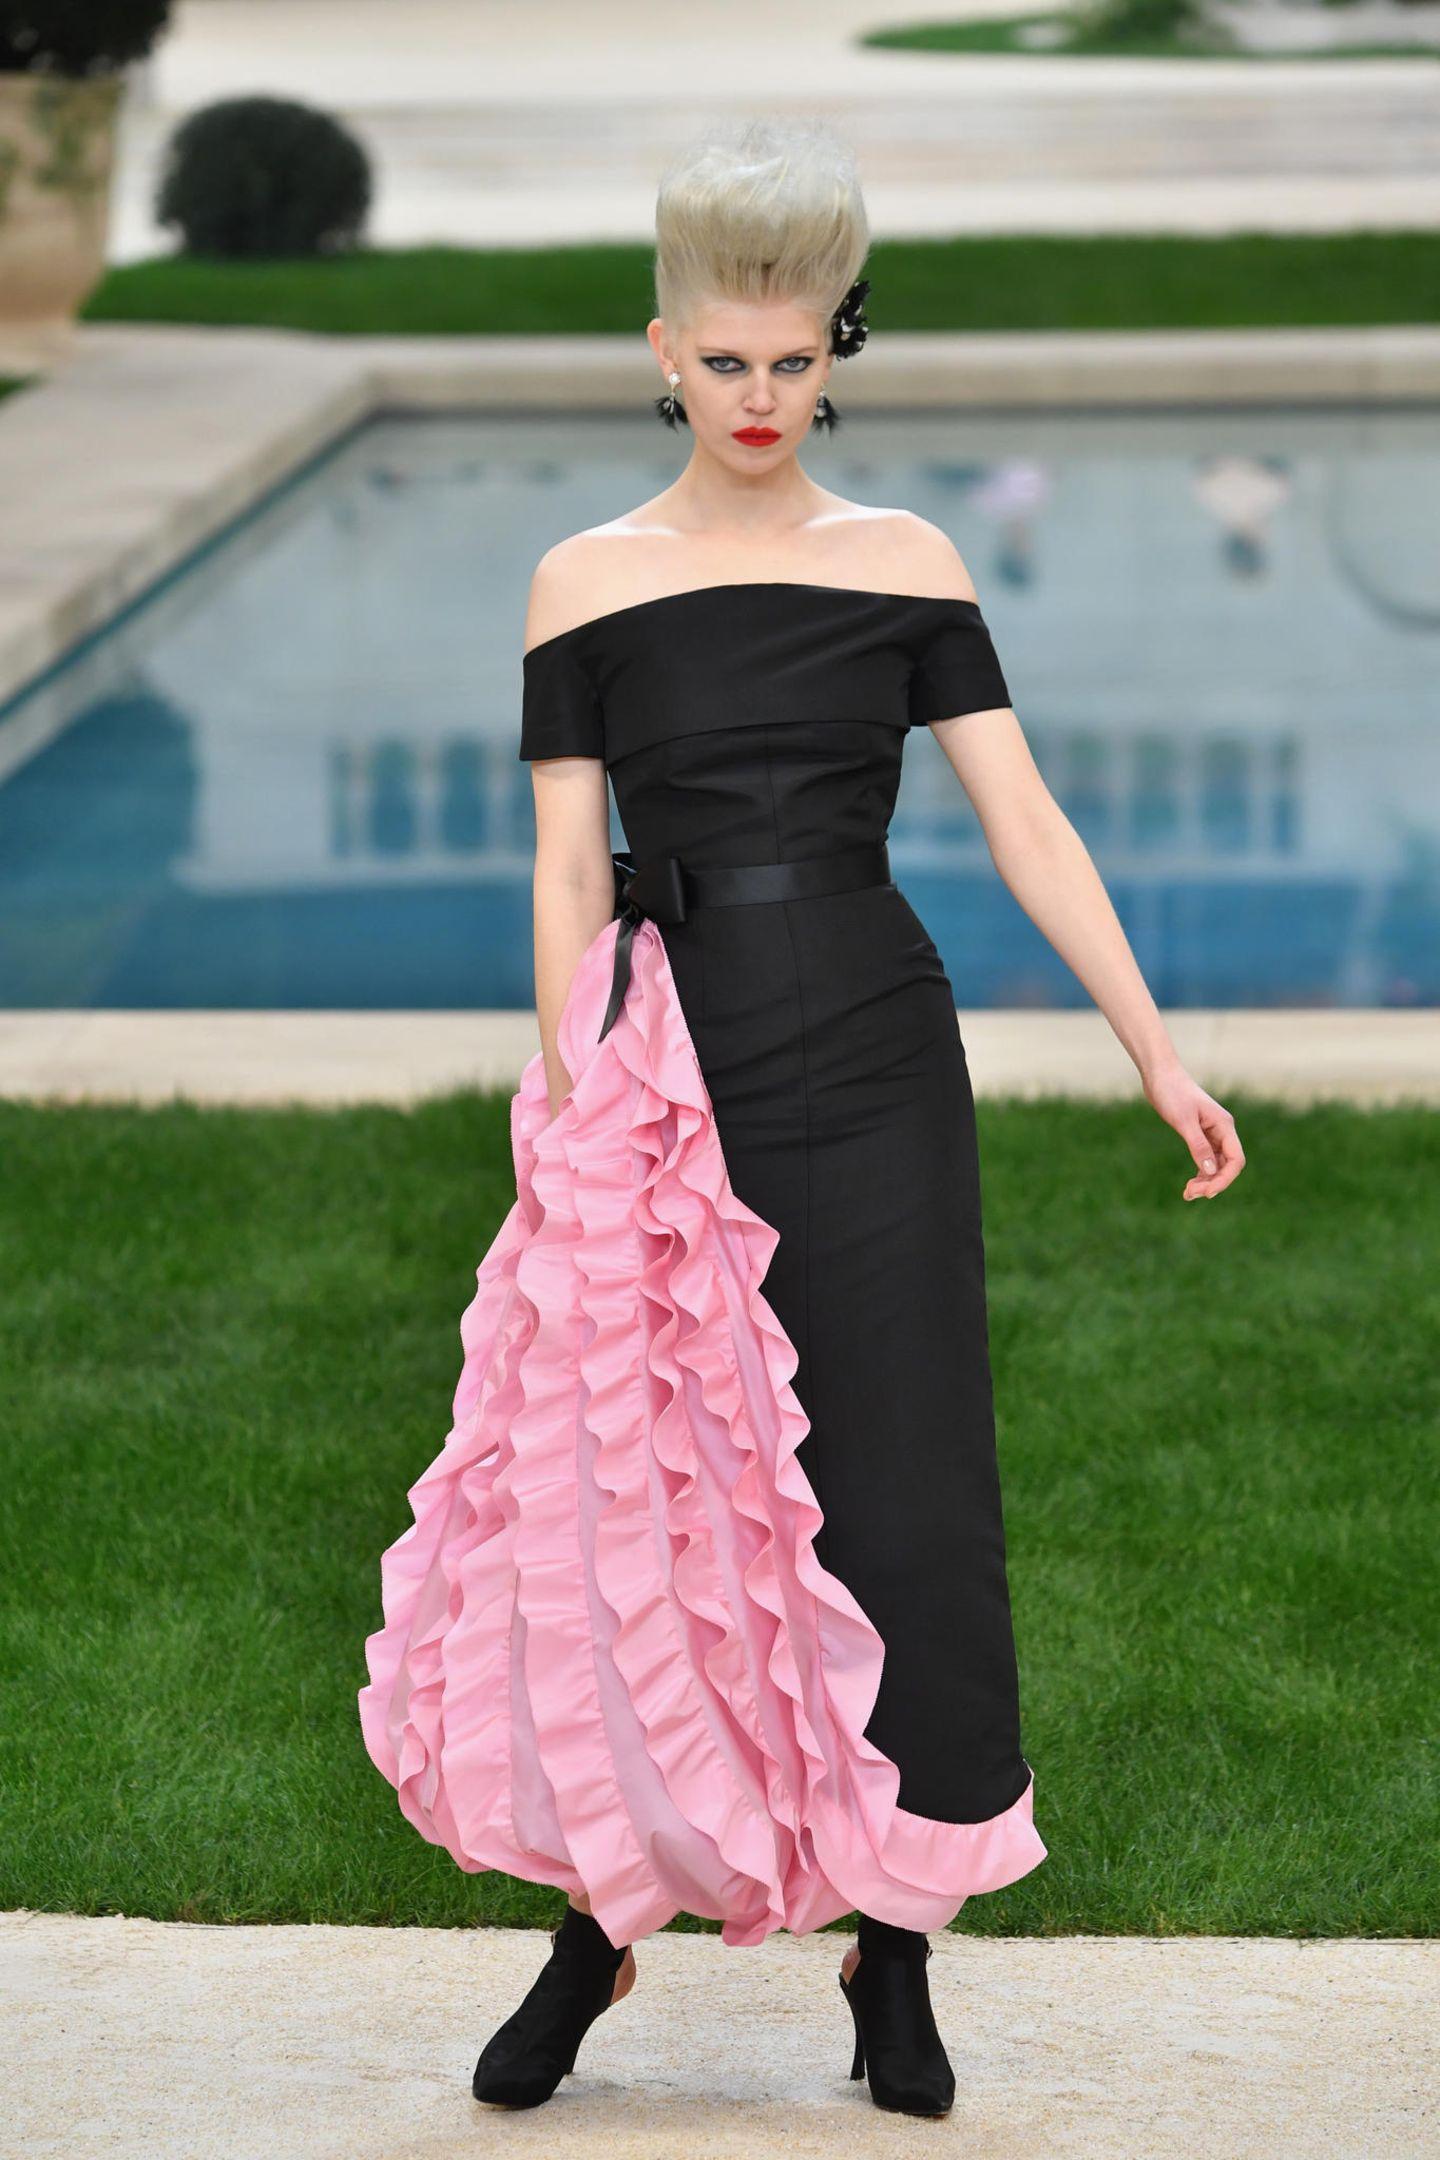 Auch der Chanel-Look, den Prinzessin Caroline für den Rosenball wählte, wirkt auf dem Laufsteg ganz anders: Während der Pariser Fashion Week im Januar 2019 präsentiert ein Model mit kurzen, abstehenden Haaren das schwarze Kleid mit rosa Rüschendetails.